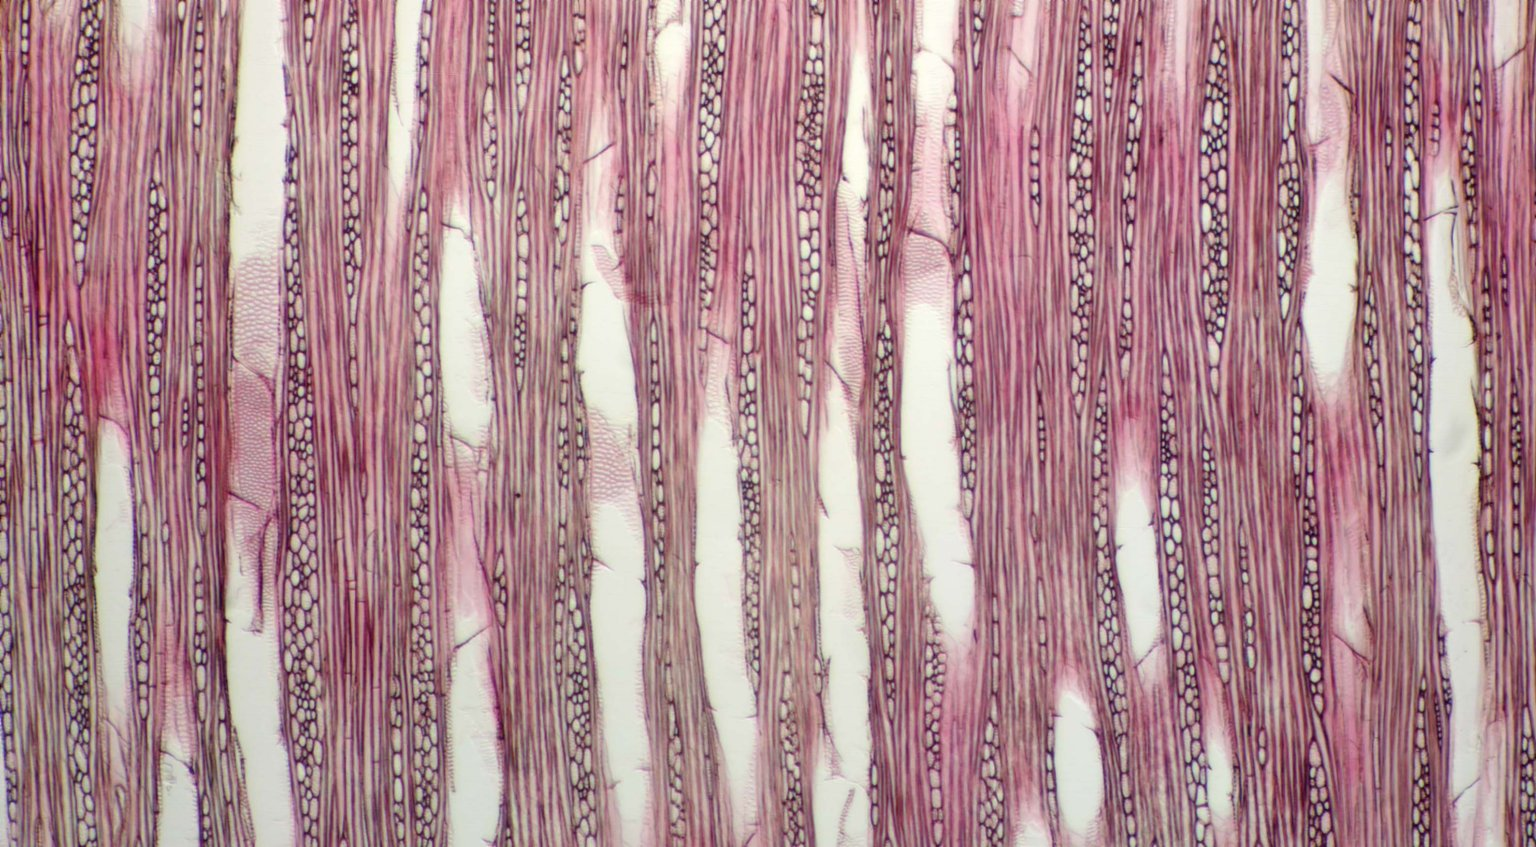 MELASTOMATACEAE Tibouchina catharinensis